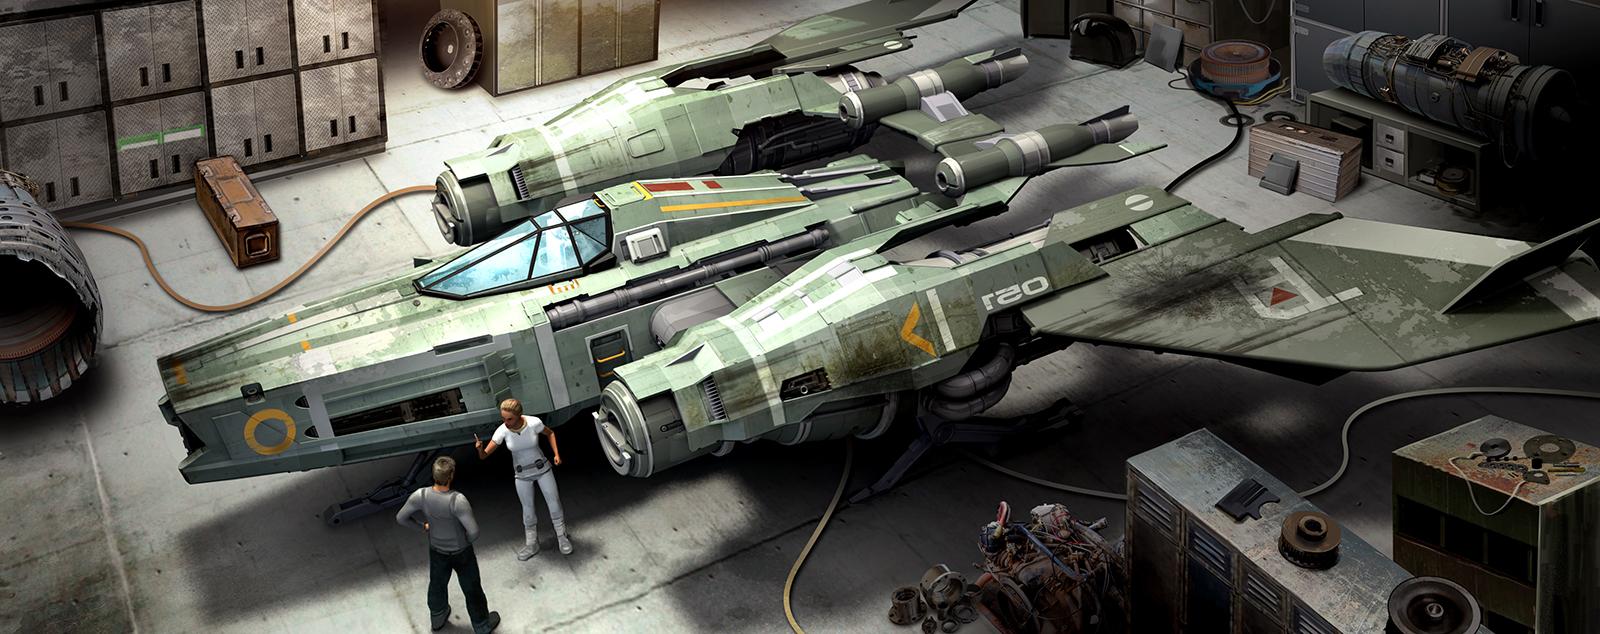 Another Jim Martin Concept Cutlass Buccaneer